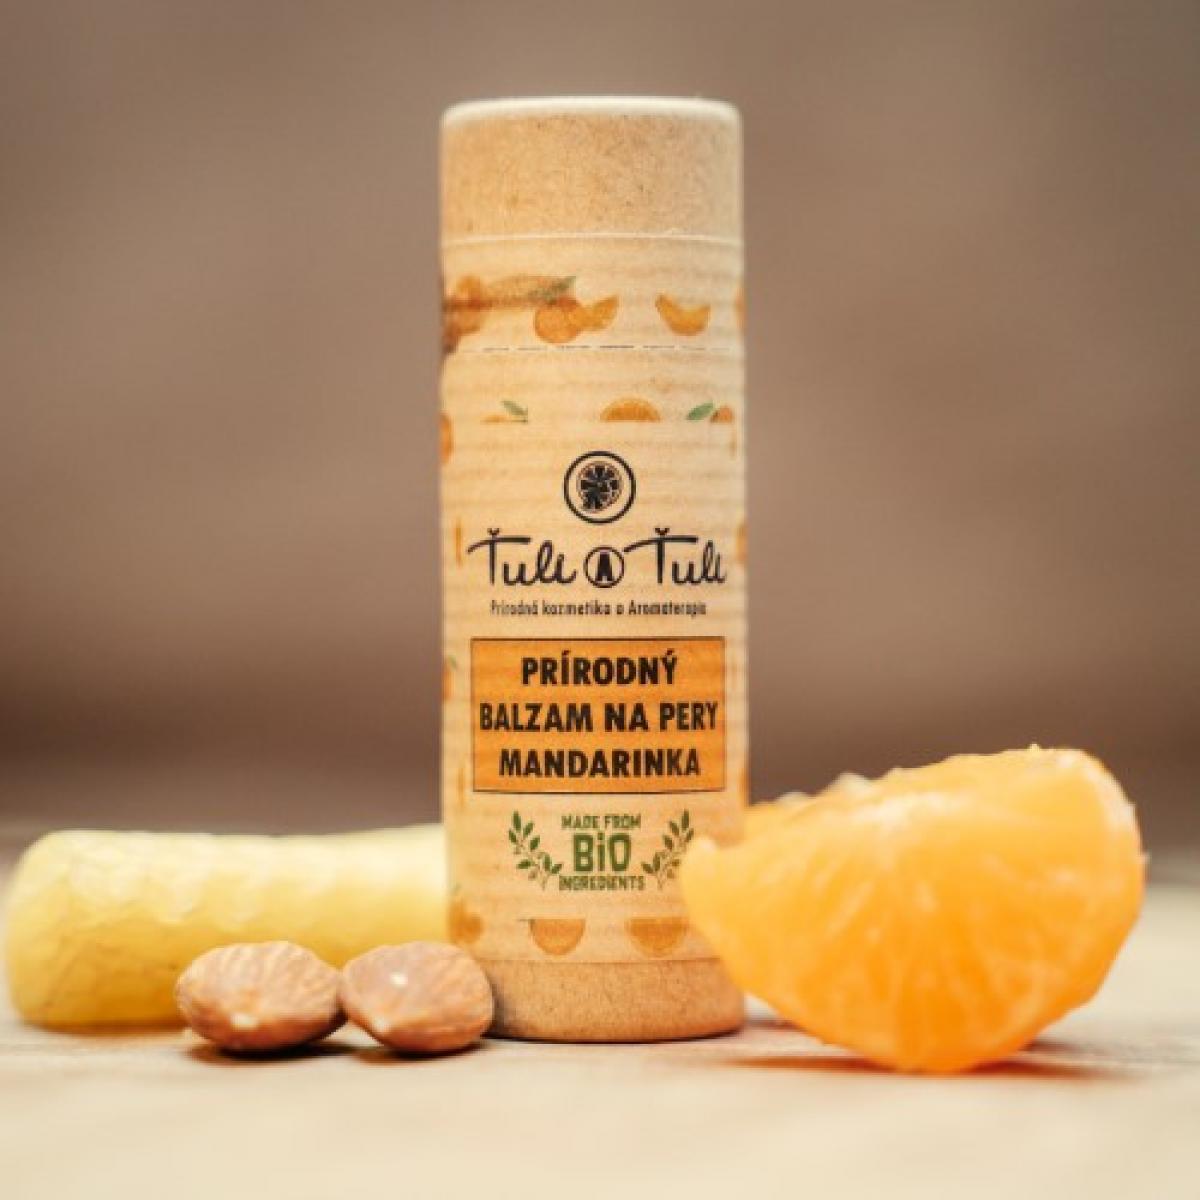 Prírodný balzam na pery - Mandarinka - 15 ml